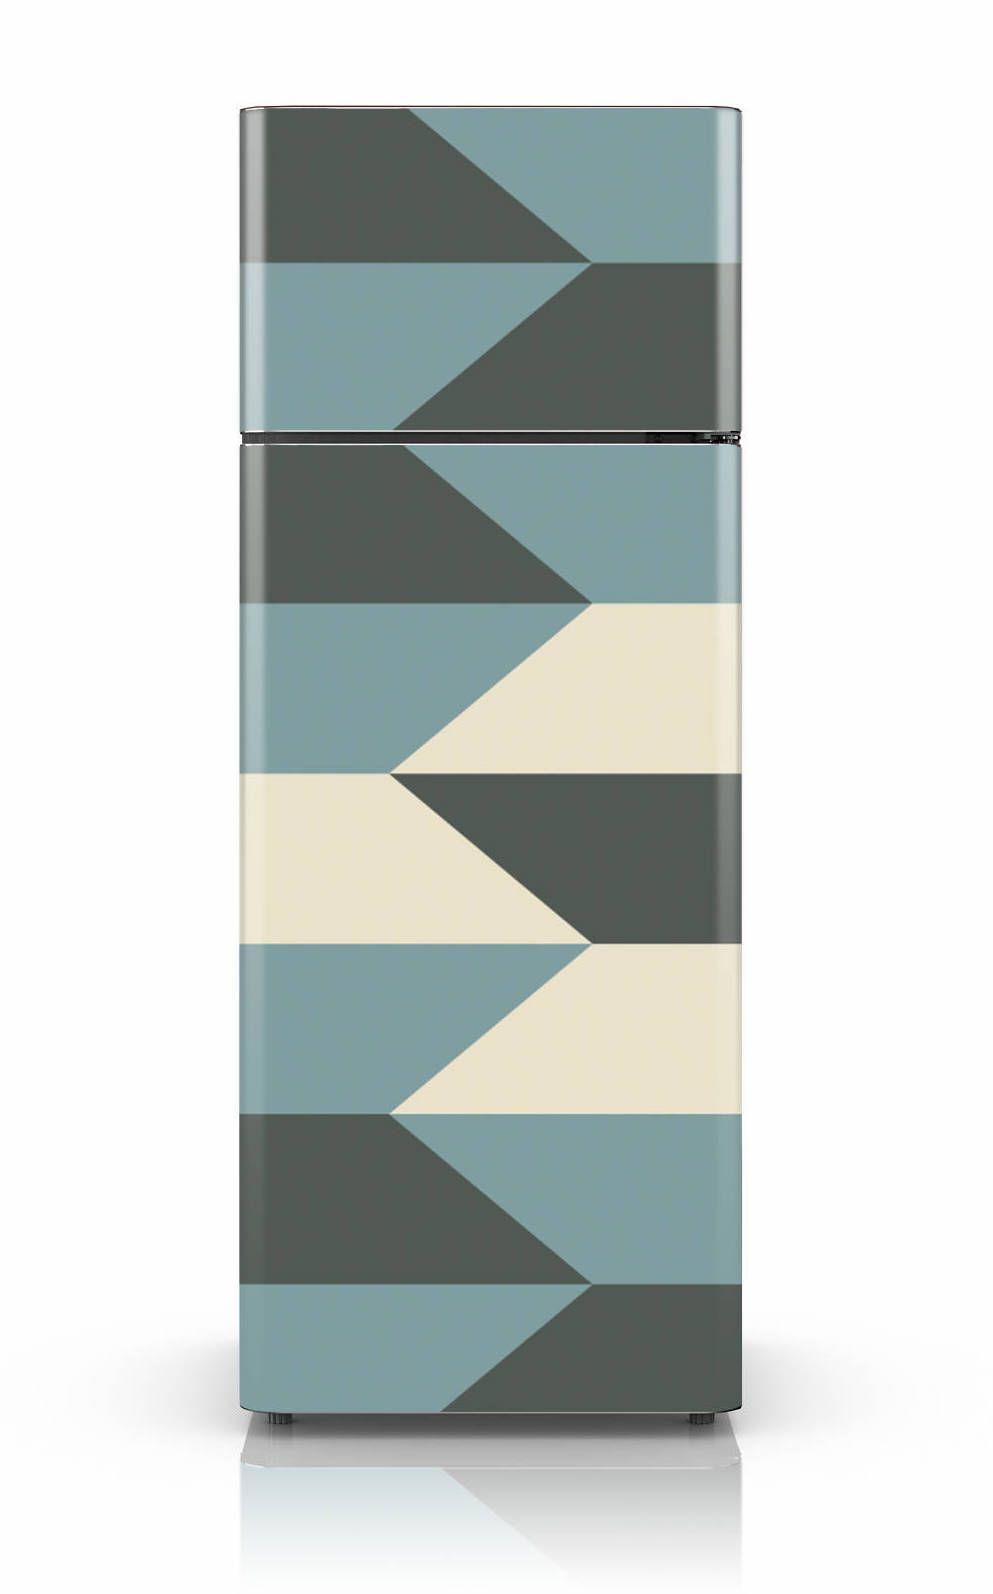 Nas cores da decor moderna: cinza, branco e azul